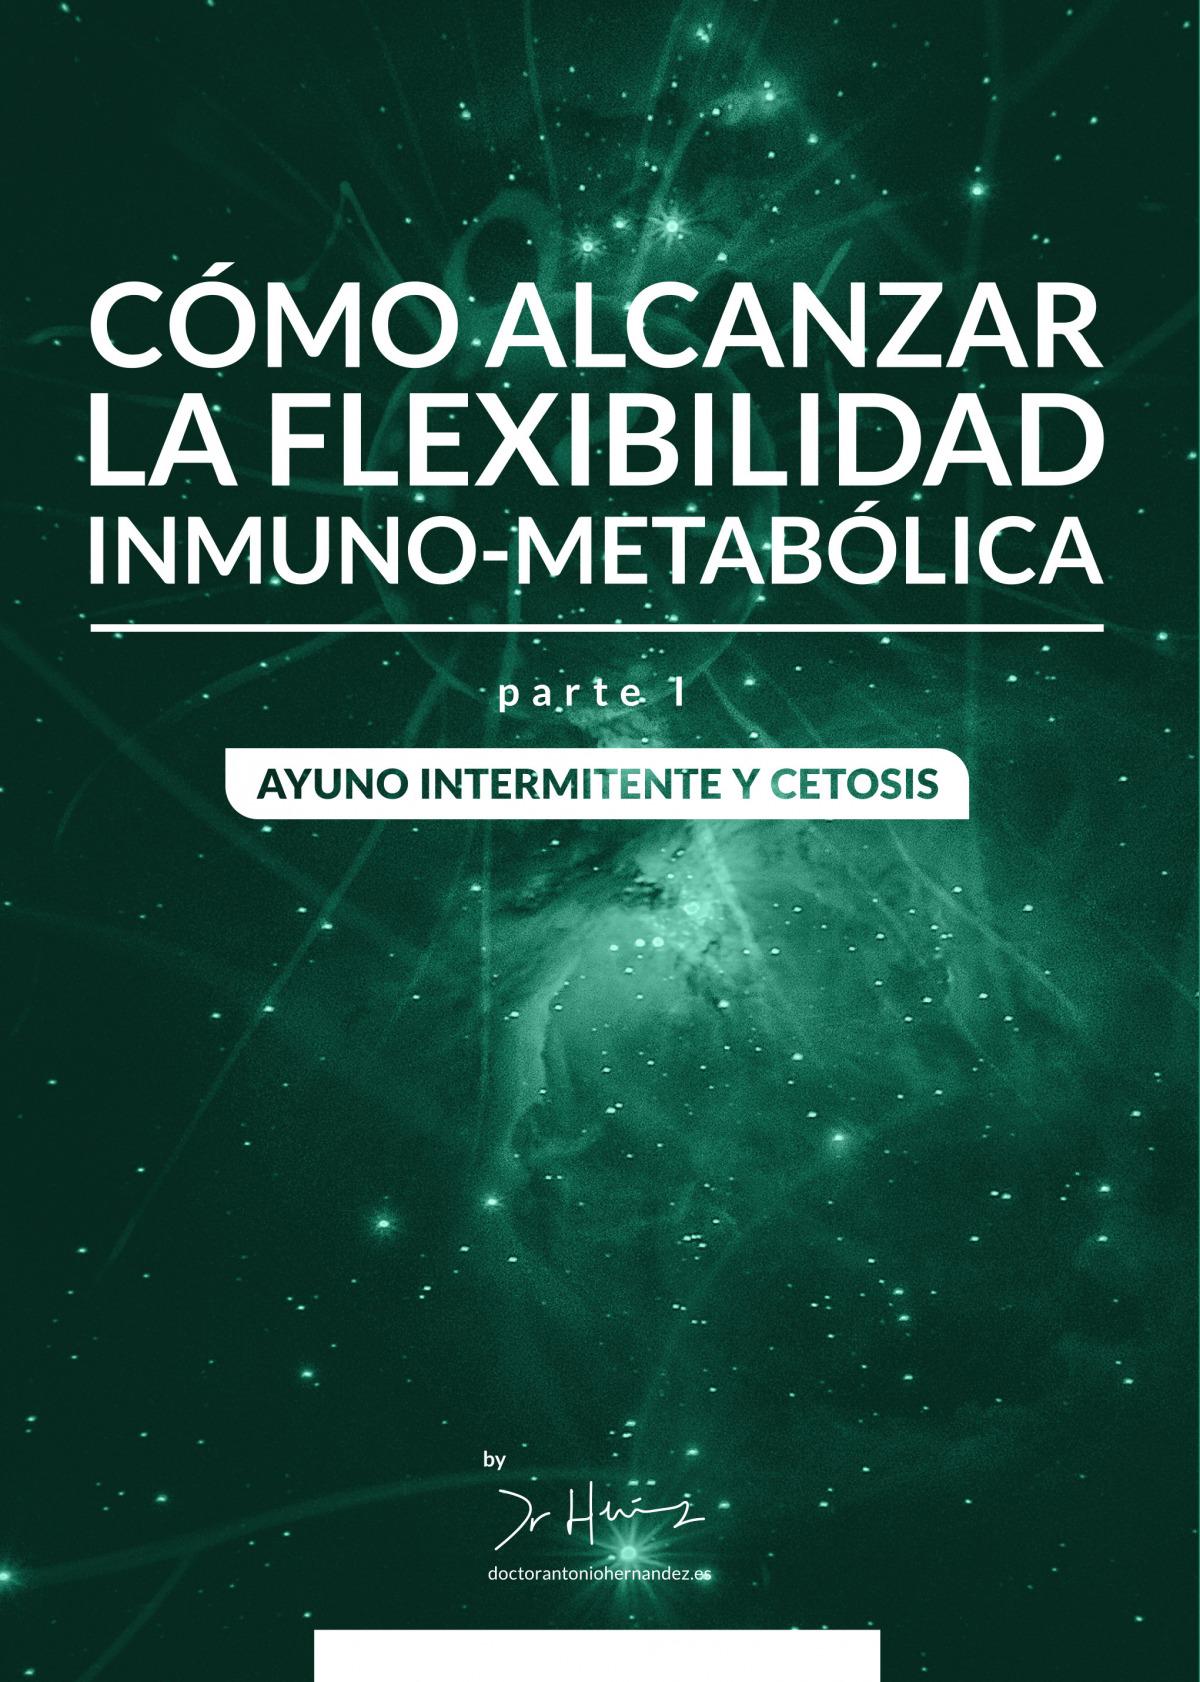 Cómo alcanzar la flexibilidad inmuno-metabólica